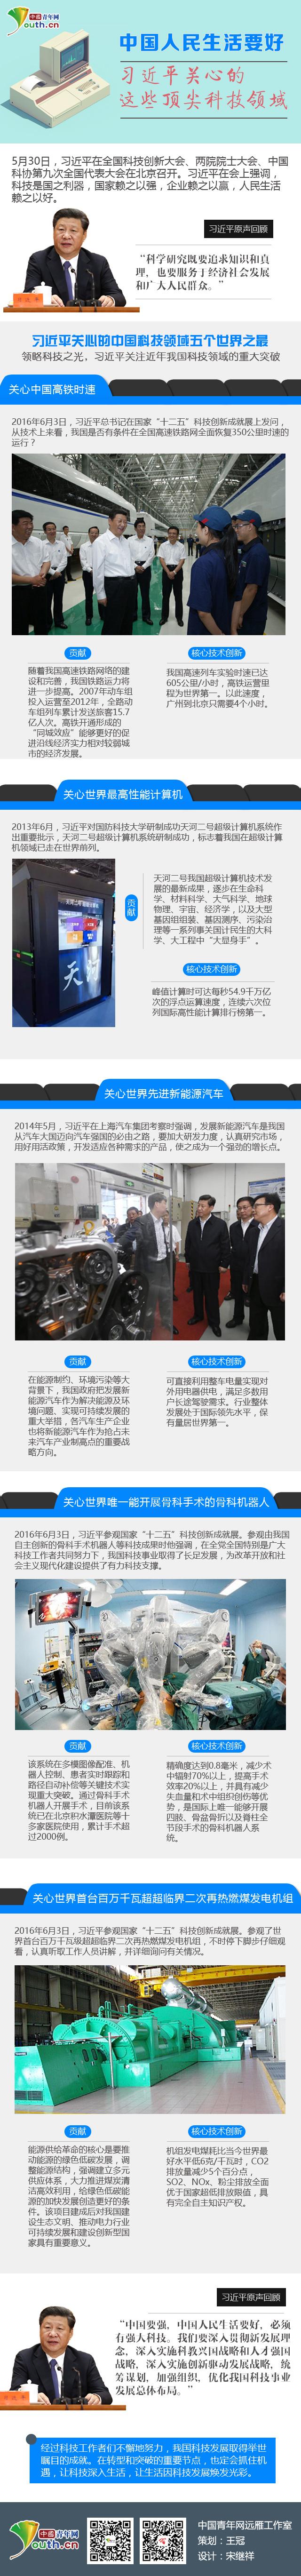 中国人民生活要好 习近平关心的这些顶尖科技领域